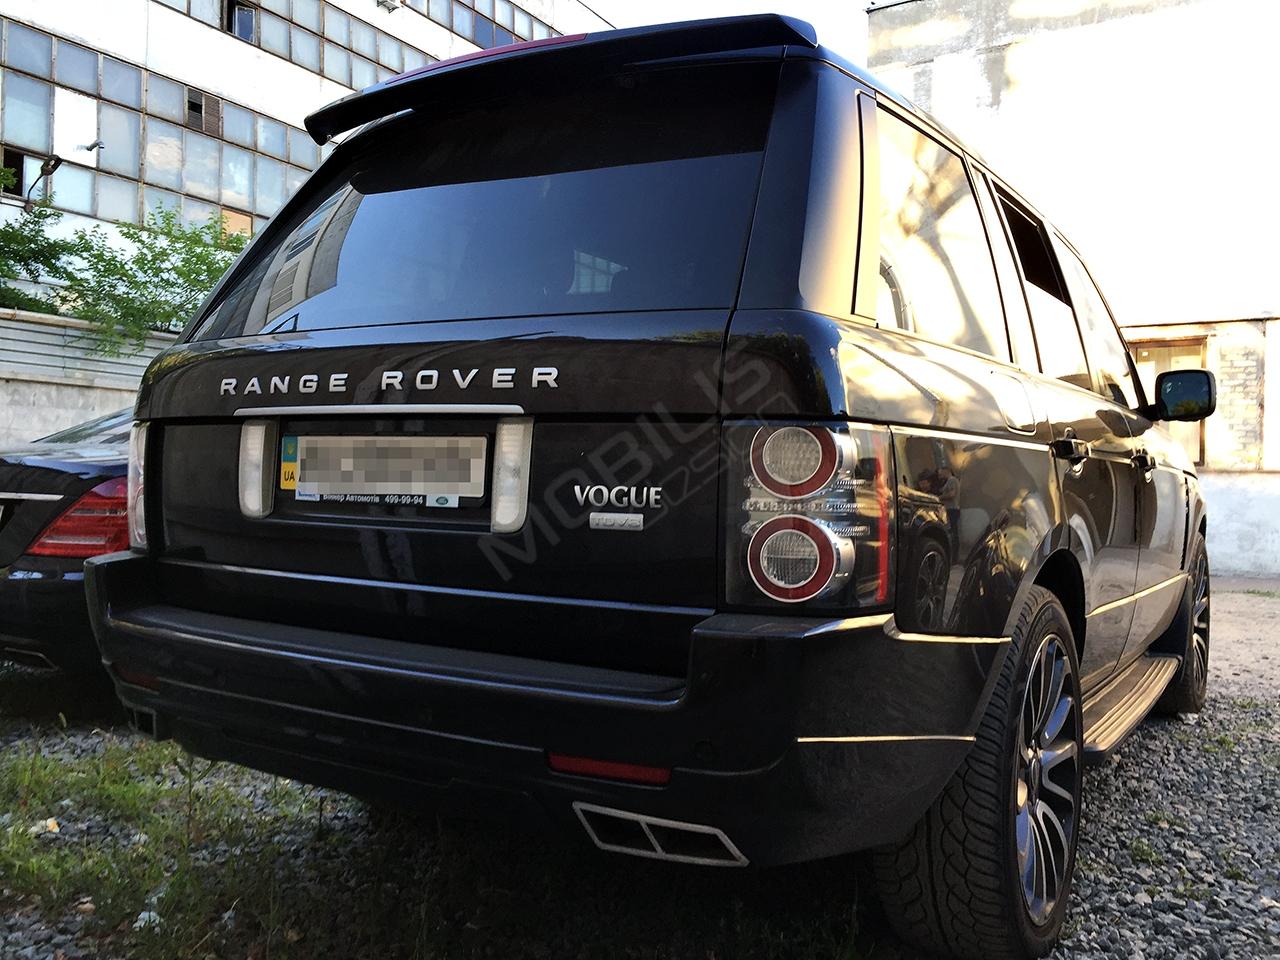 Range Rover VOGUE 2012 - установка аэродинамического обвеса STERTECH